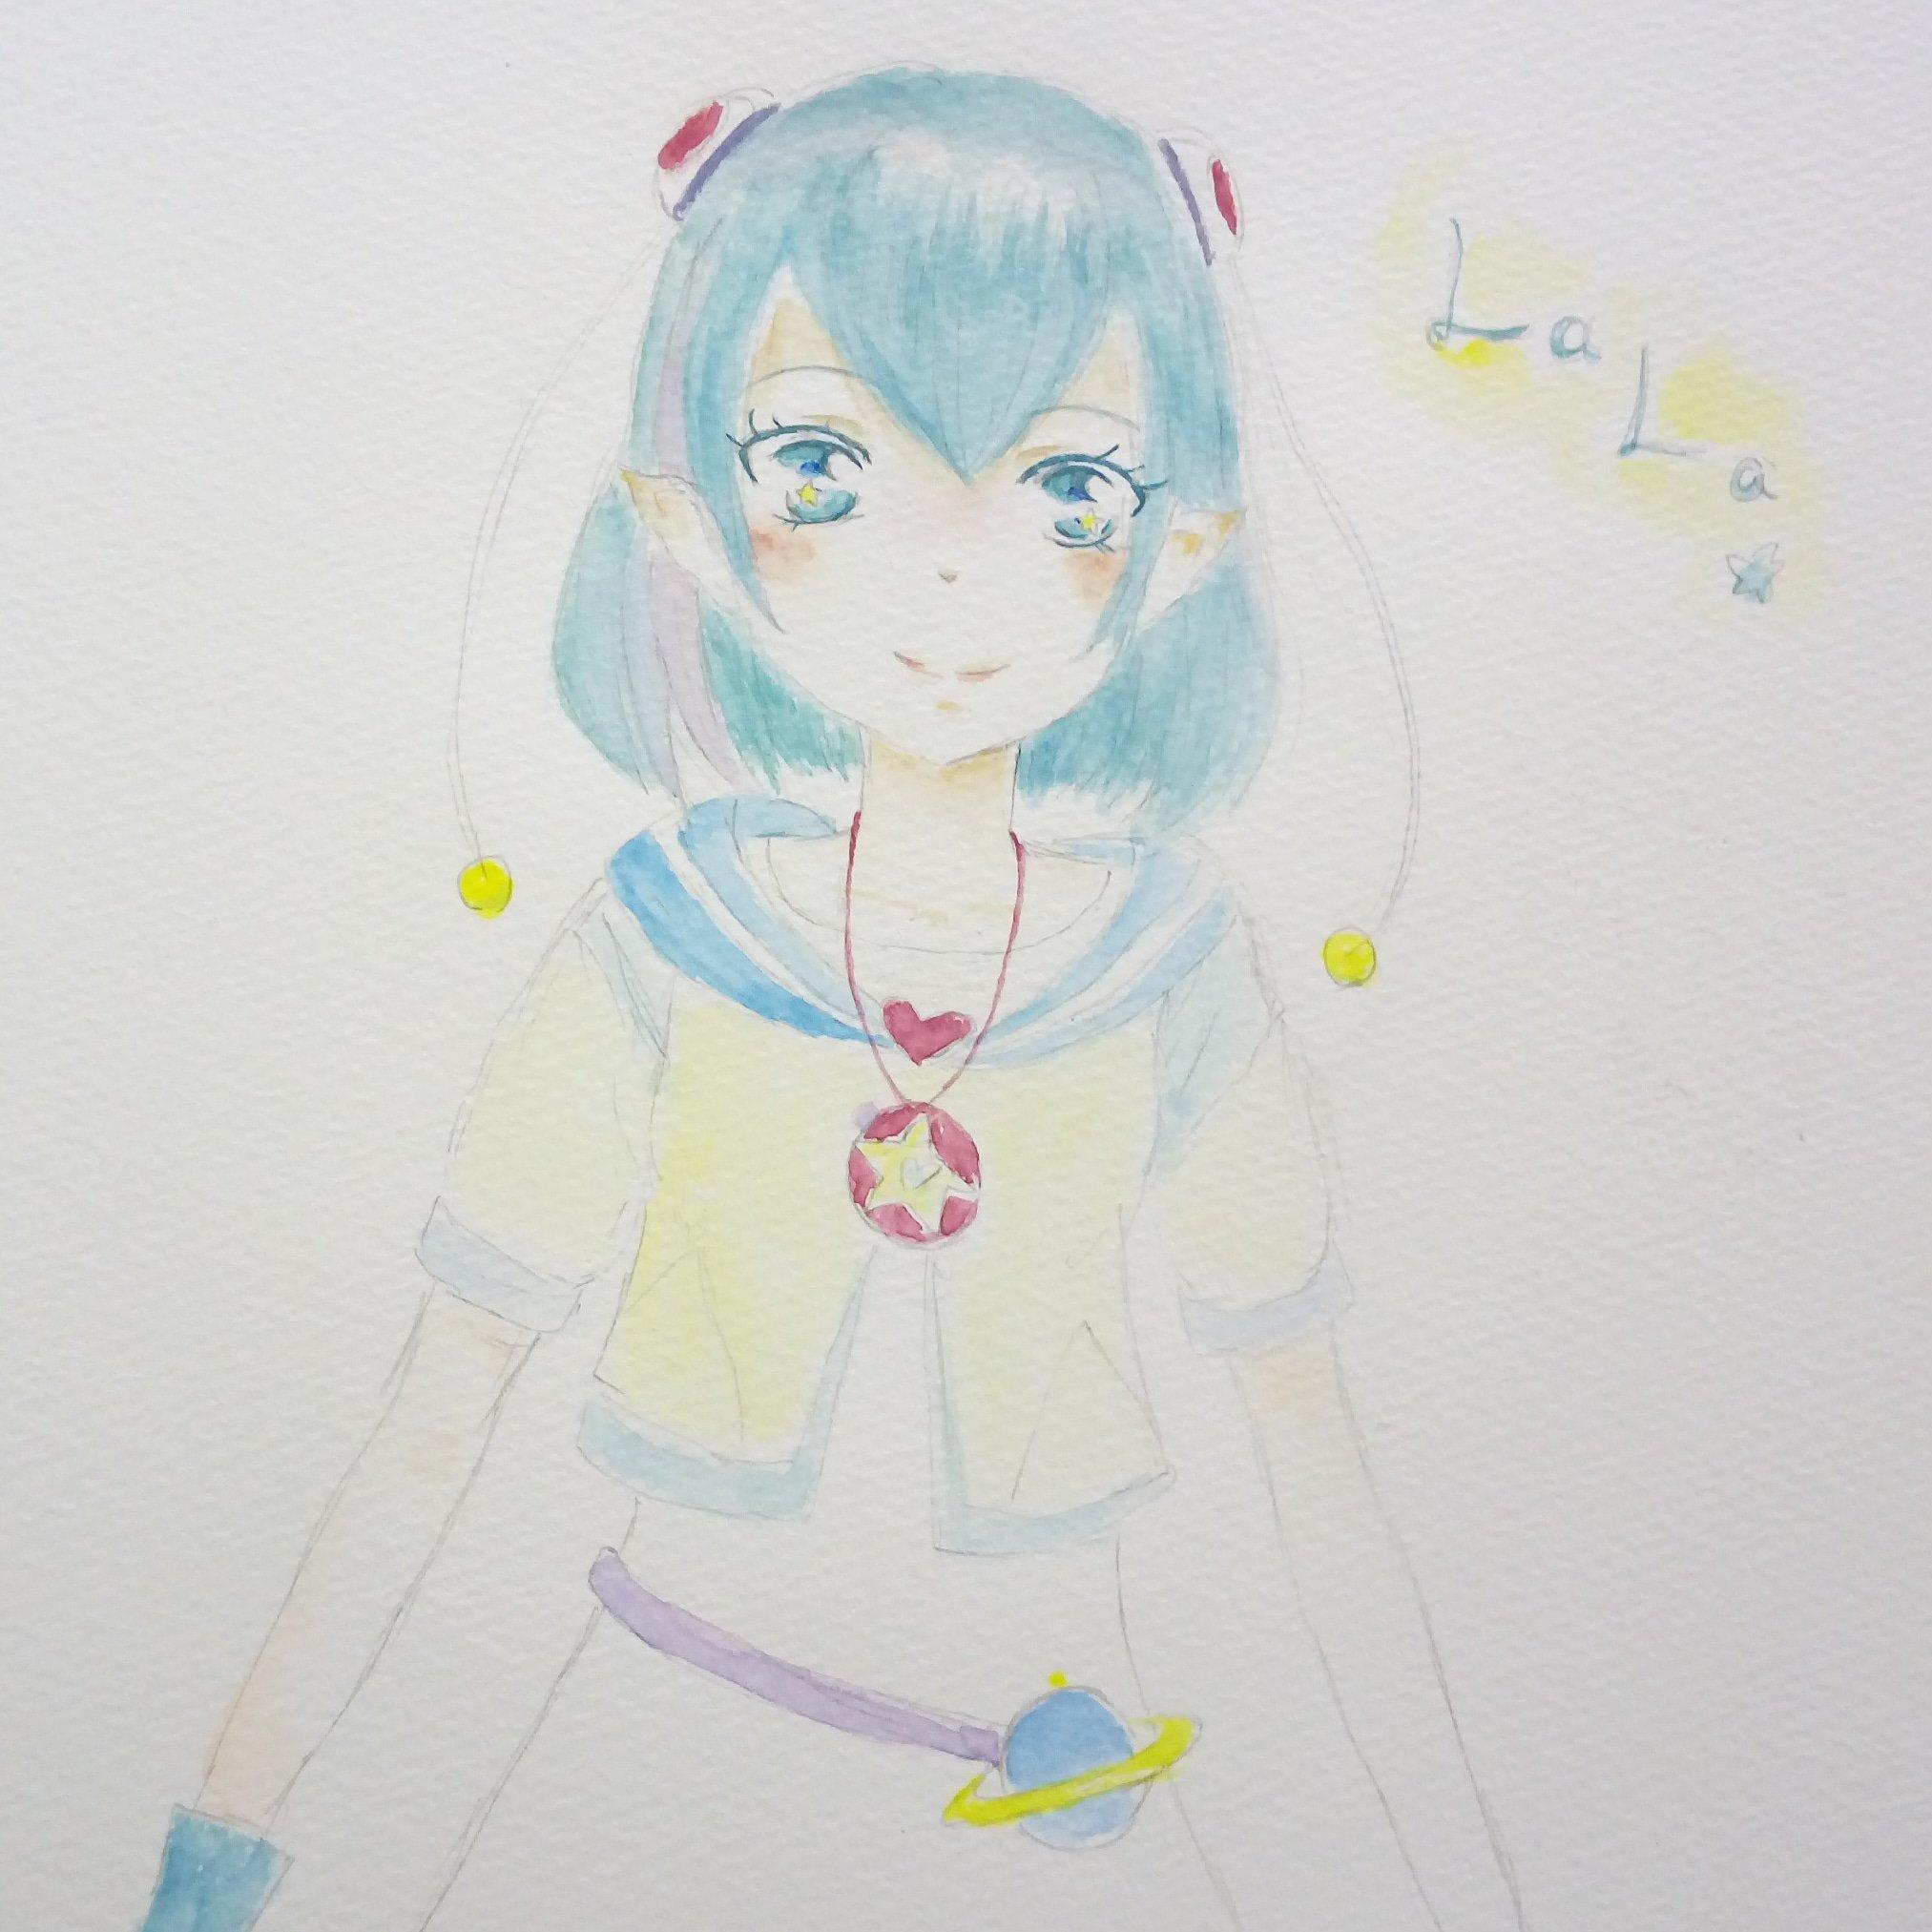 むあ☆☪︎低浮上 (@sizukimua)さんのイラスト